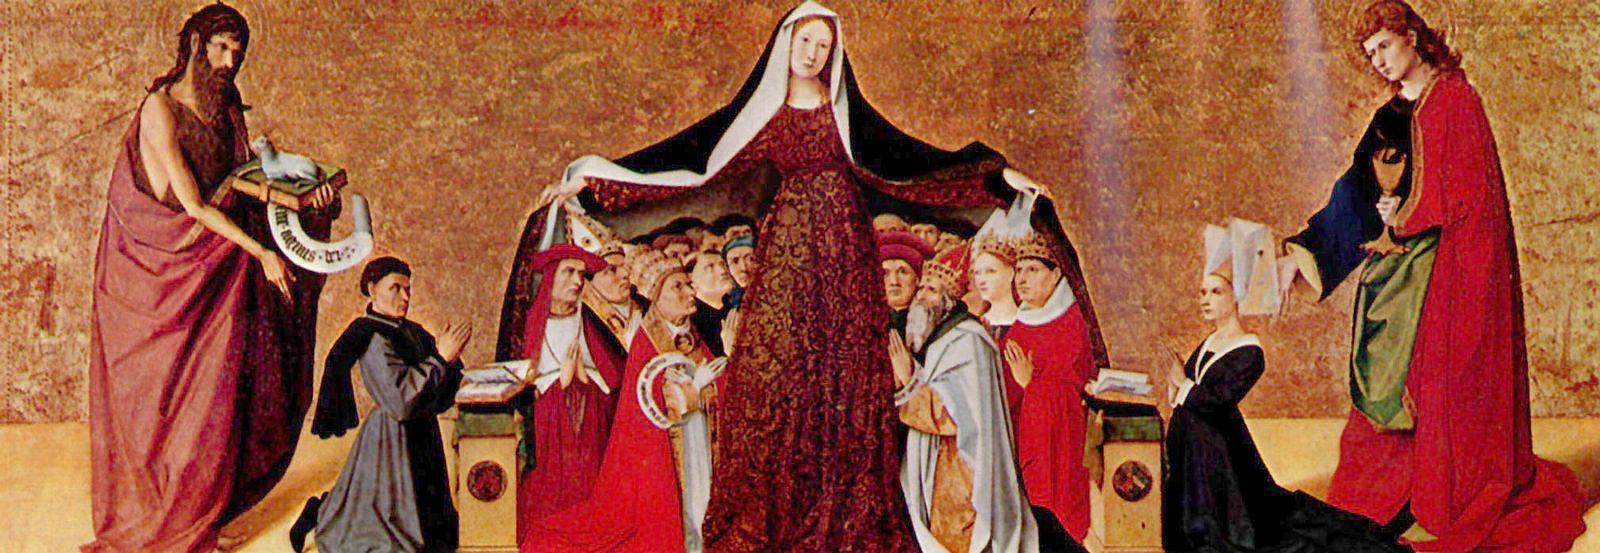 Ангерран Шаронтон. Покров Девы Марии